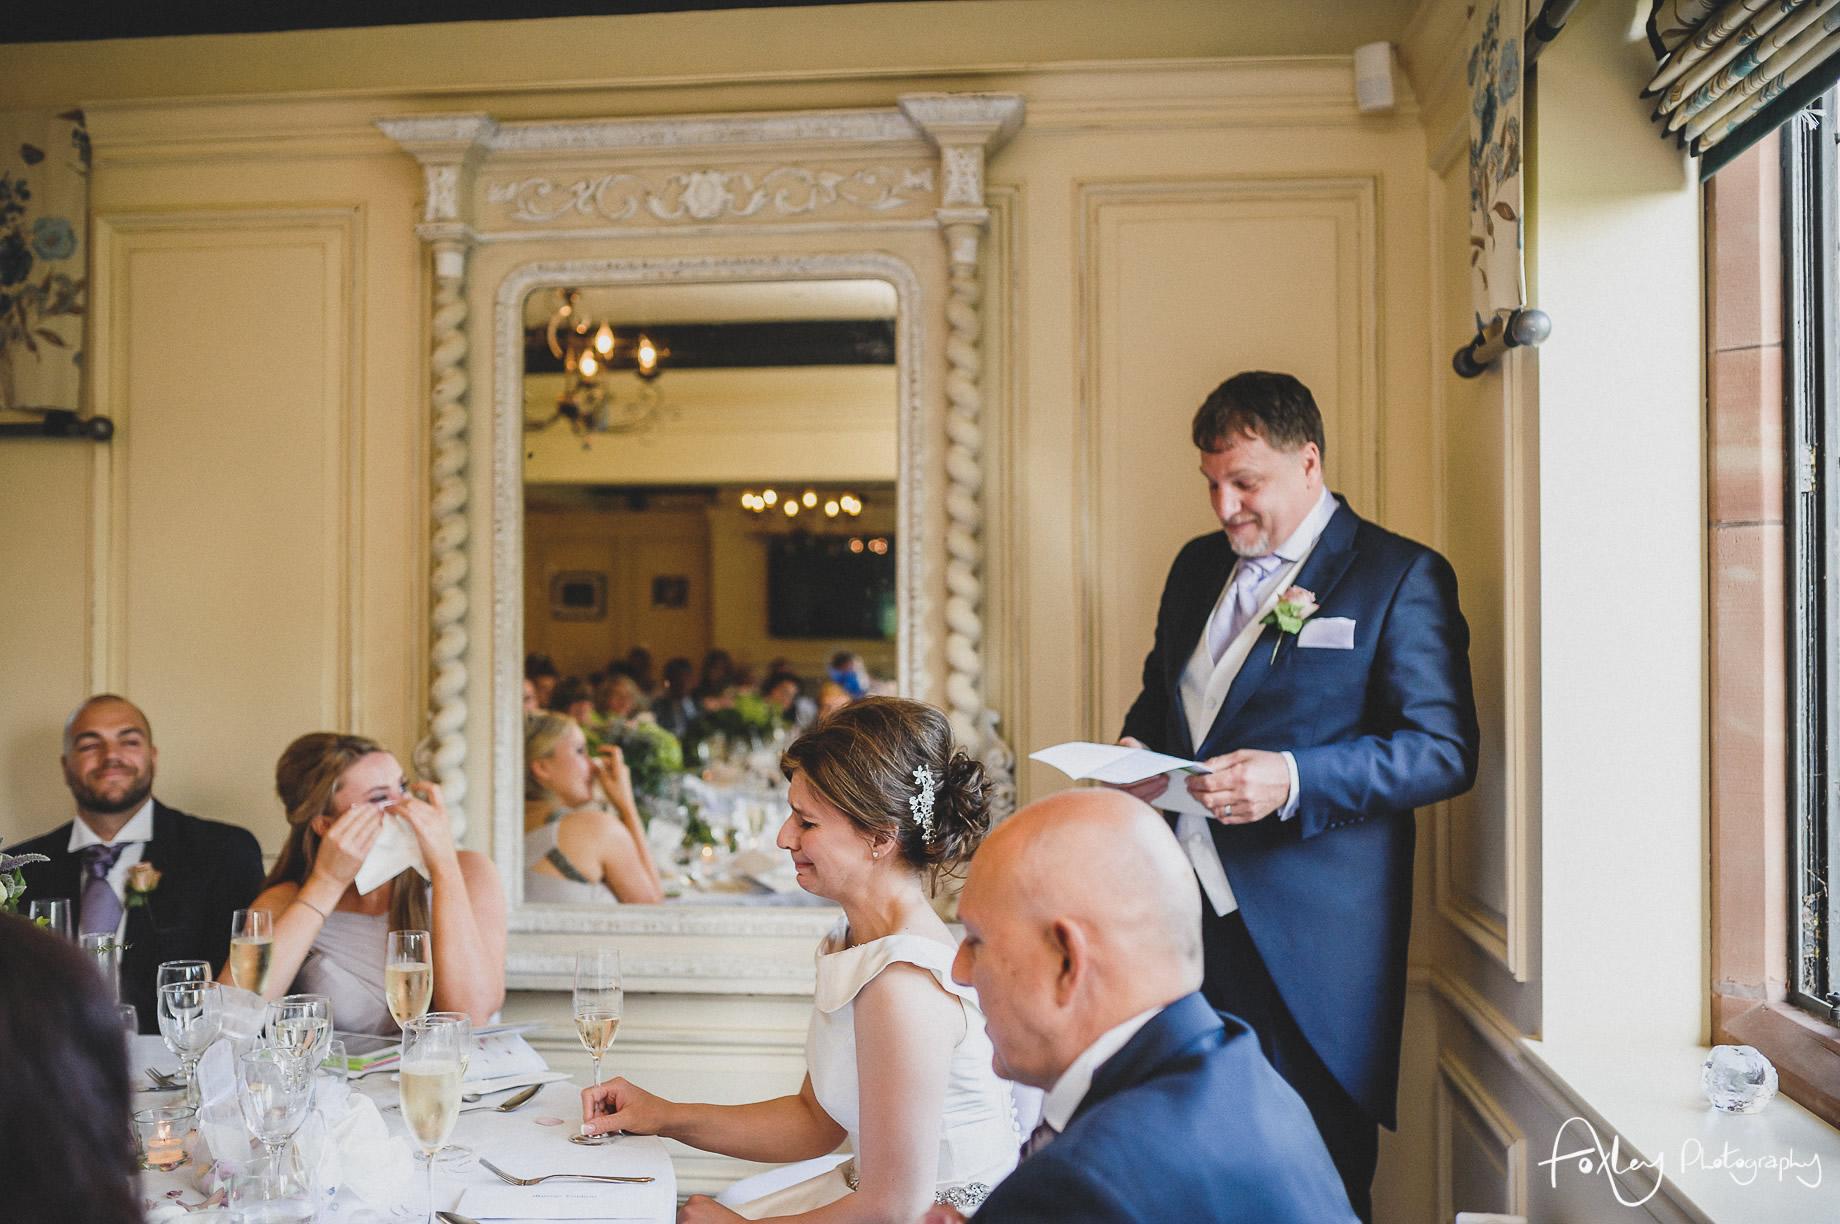 Simona-and-Robert-Wedding-at-Colshaw-Hall-127